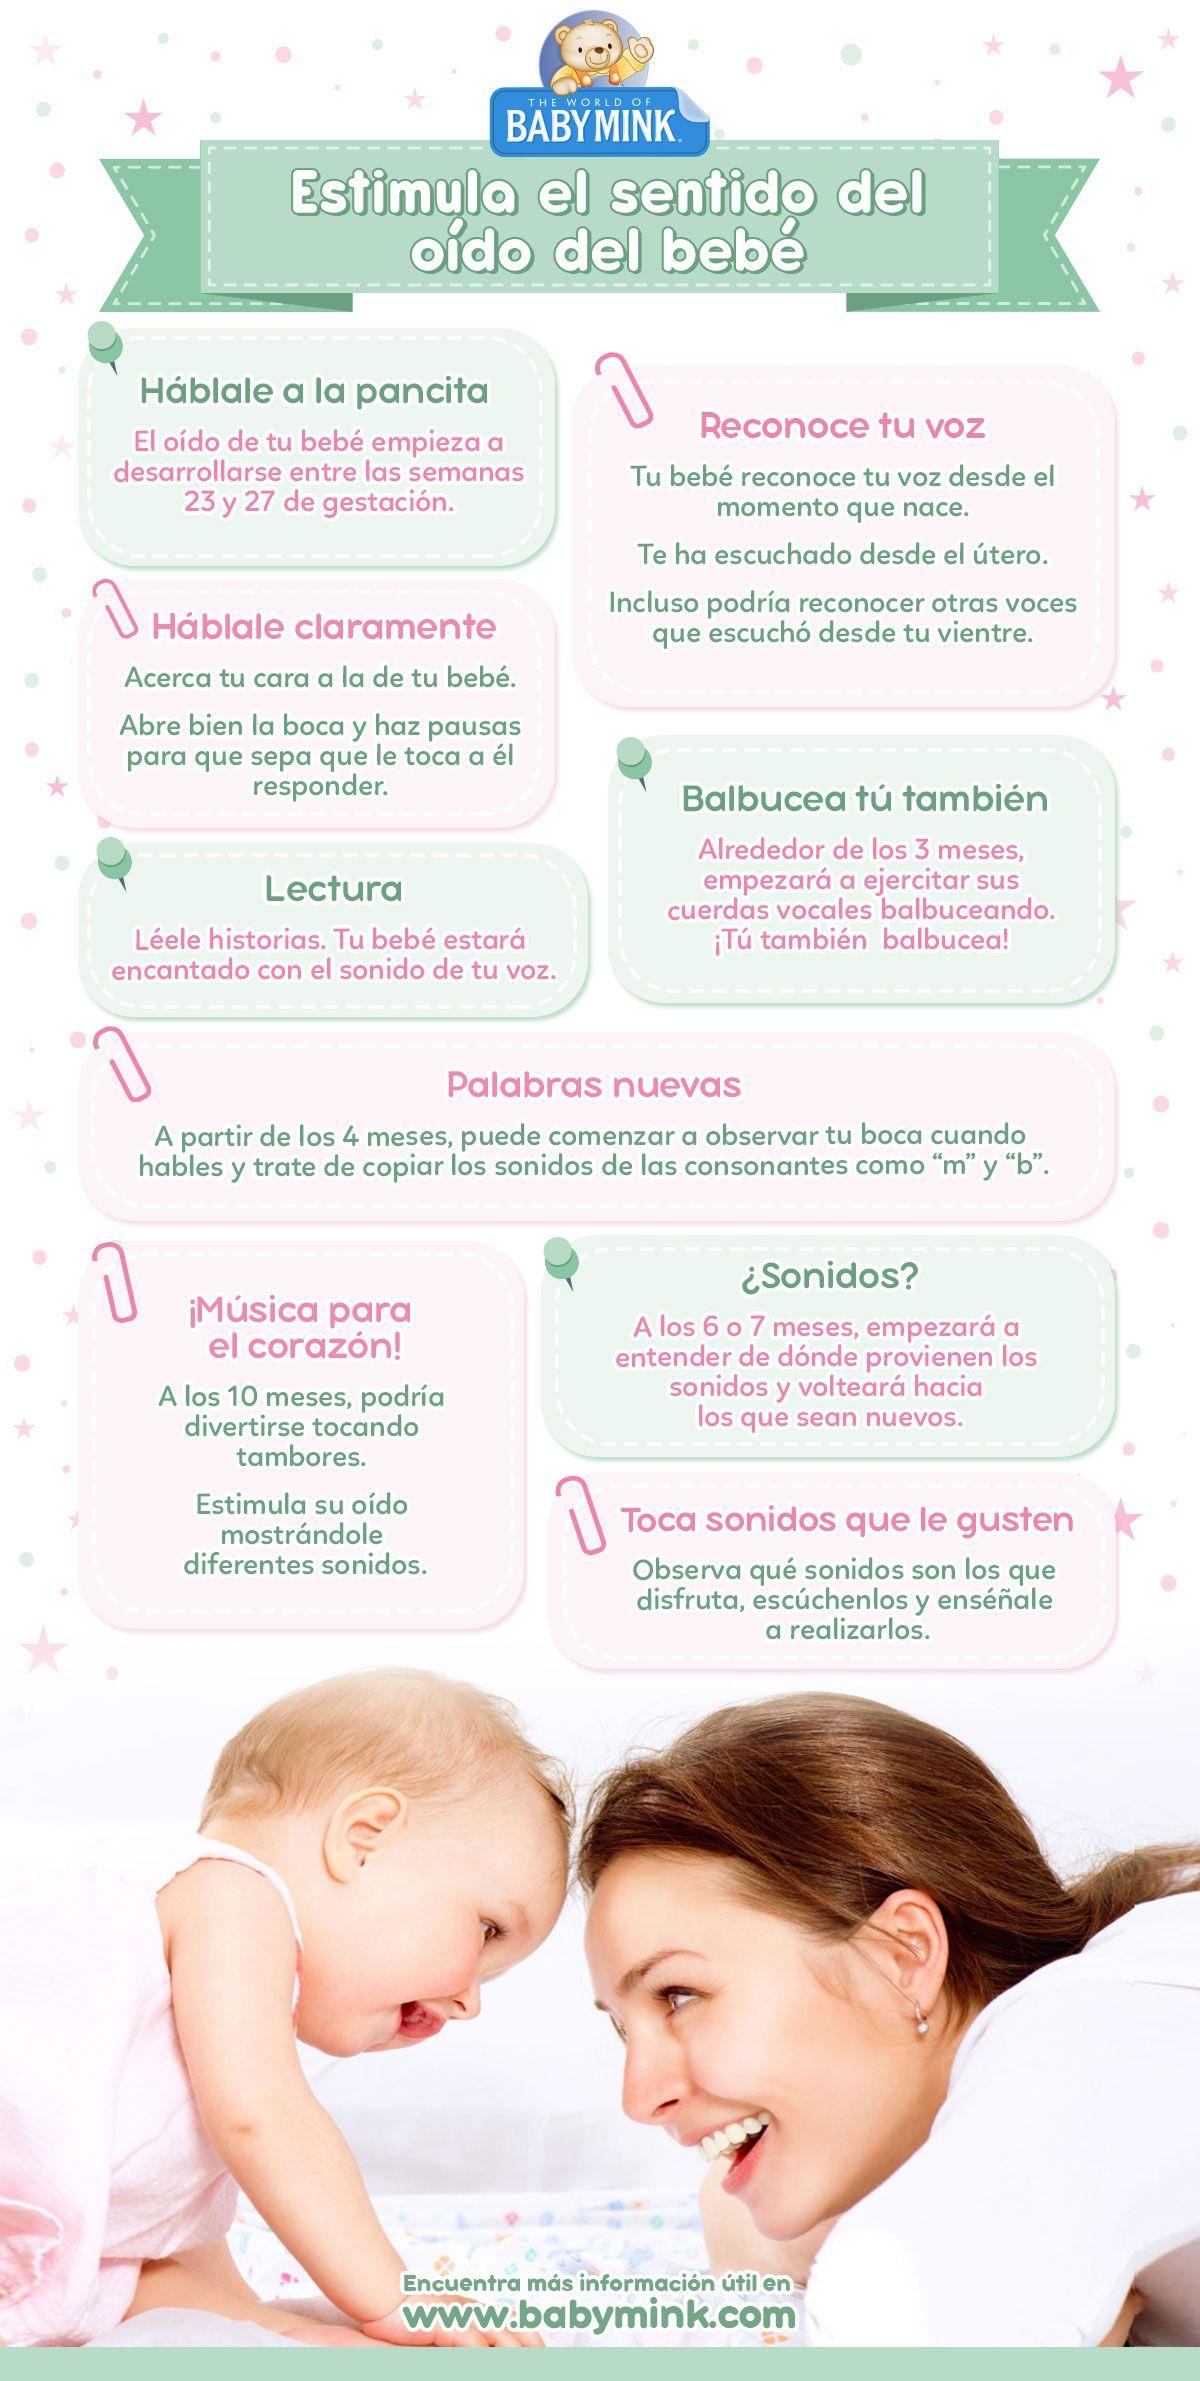 Como Limpiar Los Oidos Del Bebe Baby Mink Con Imagenes Bebe